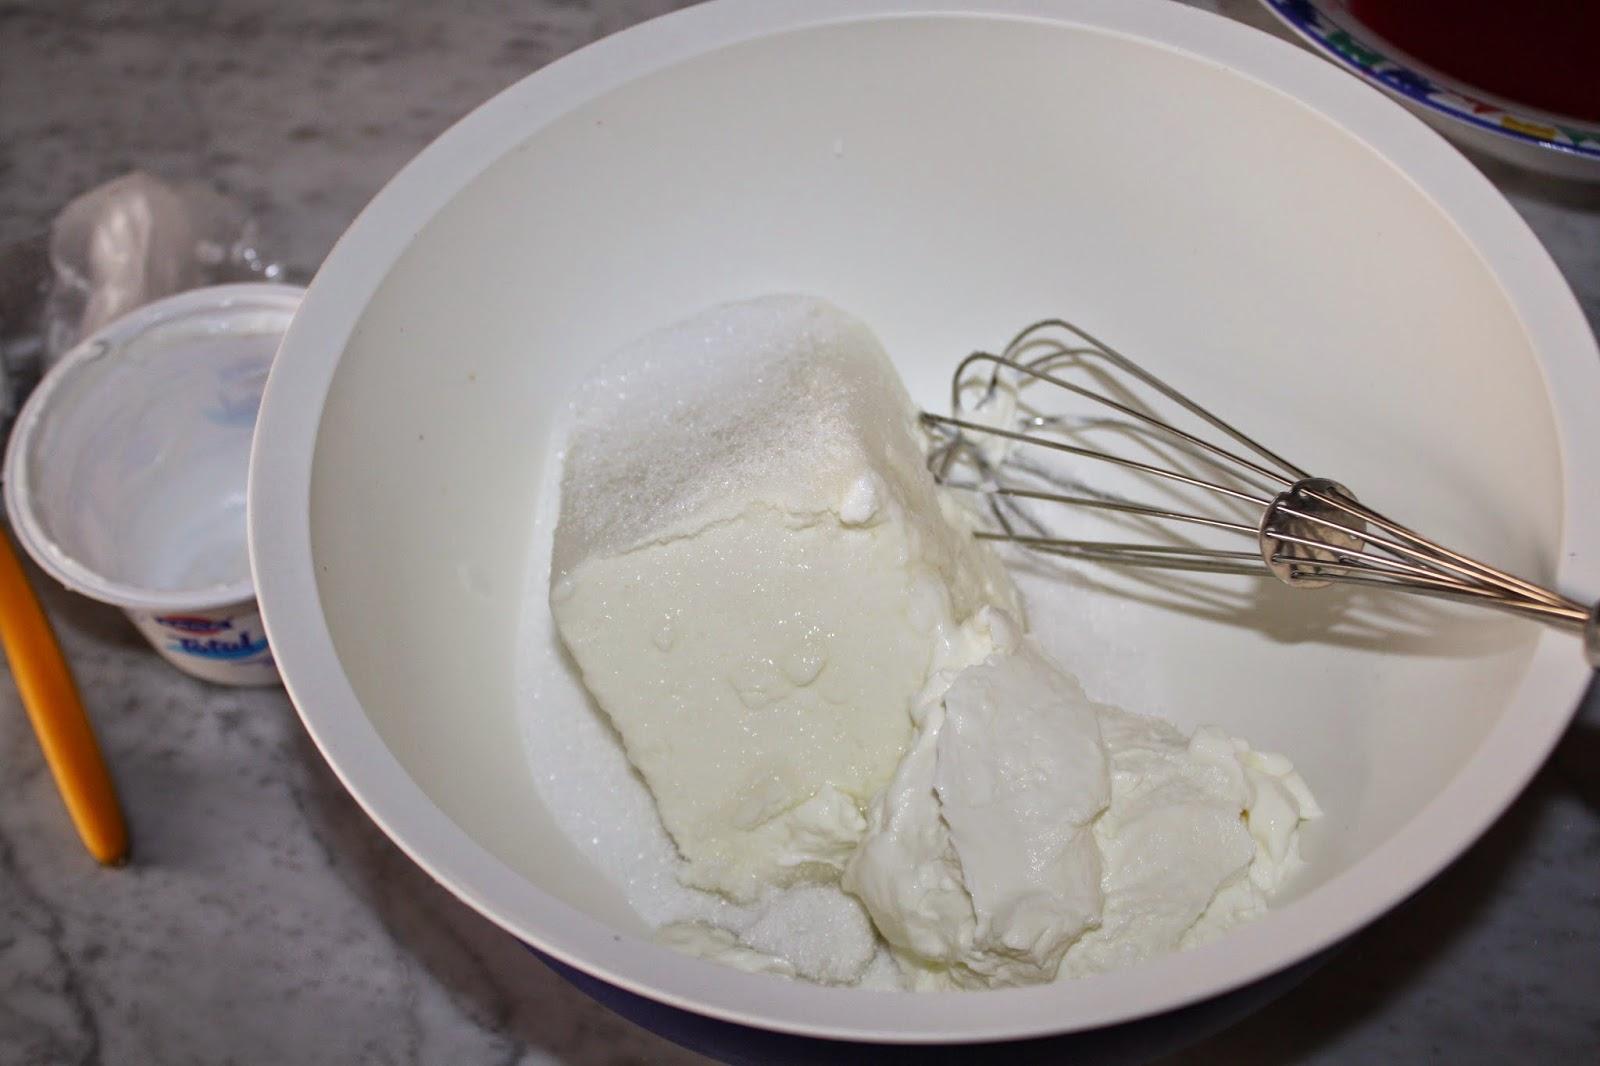 crema tiramisu